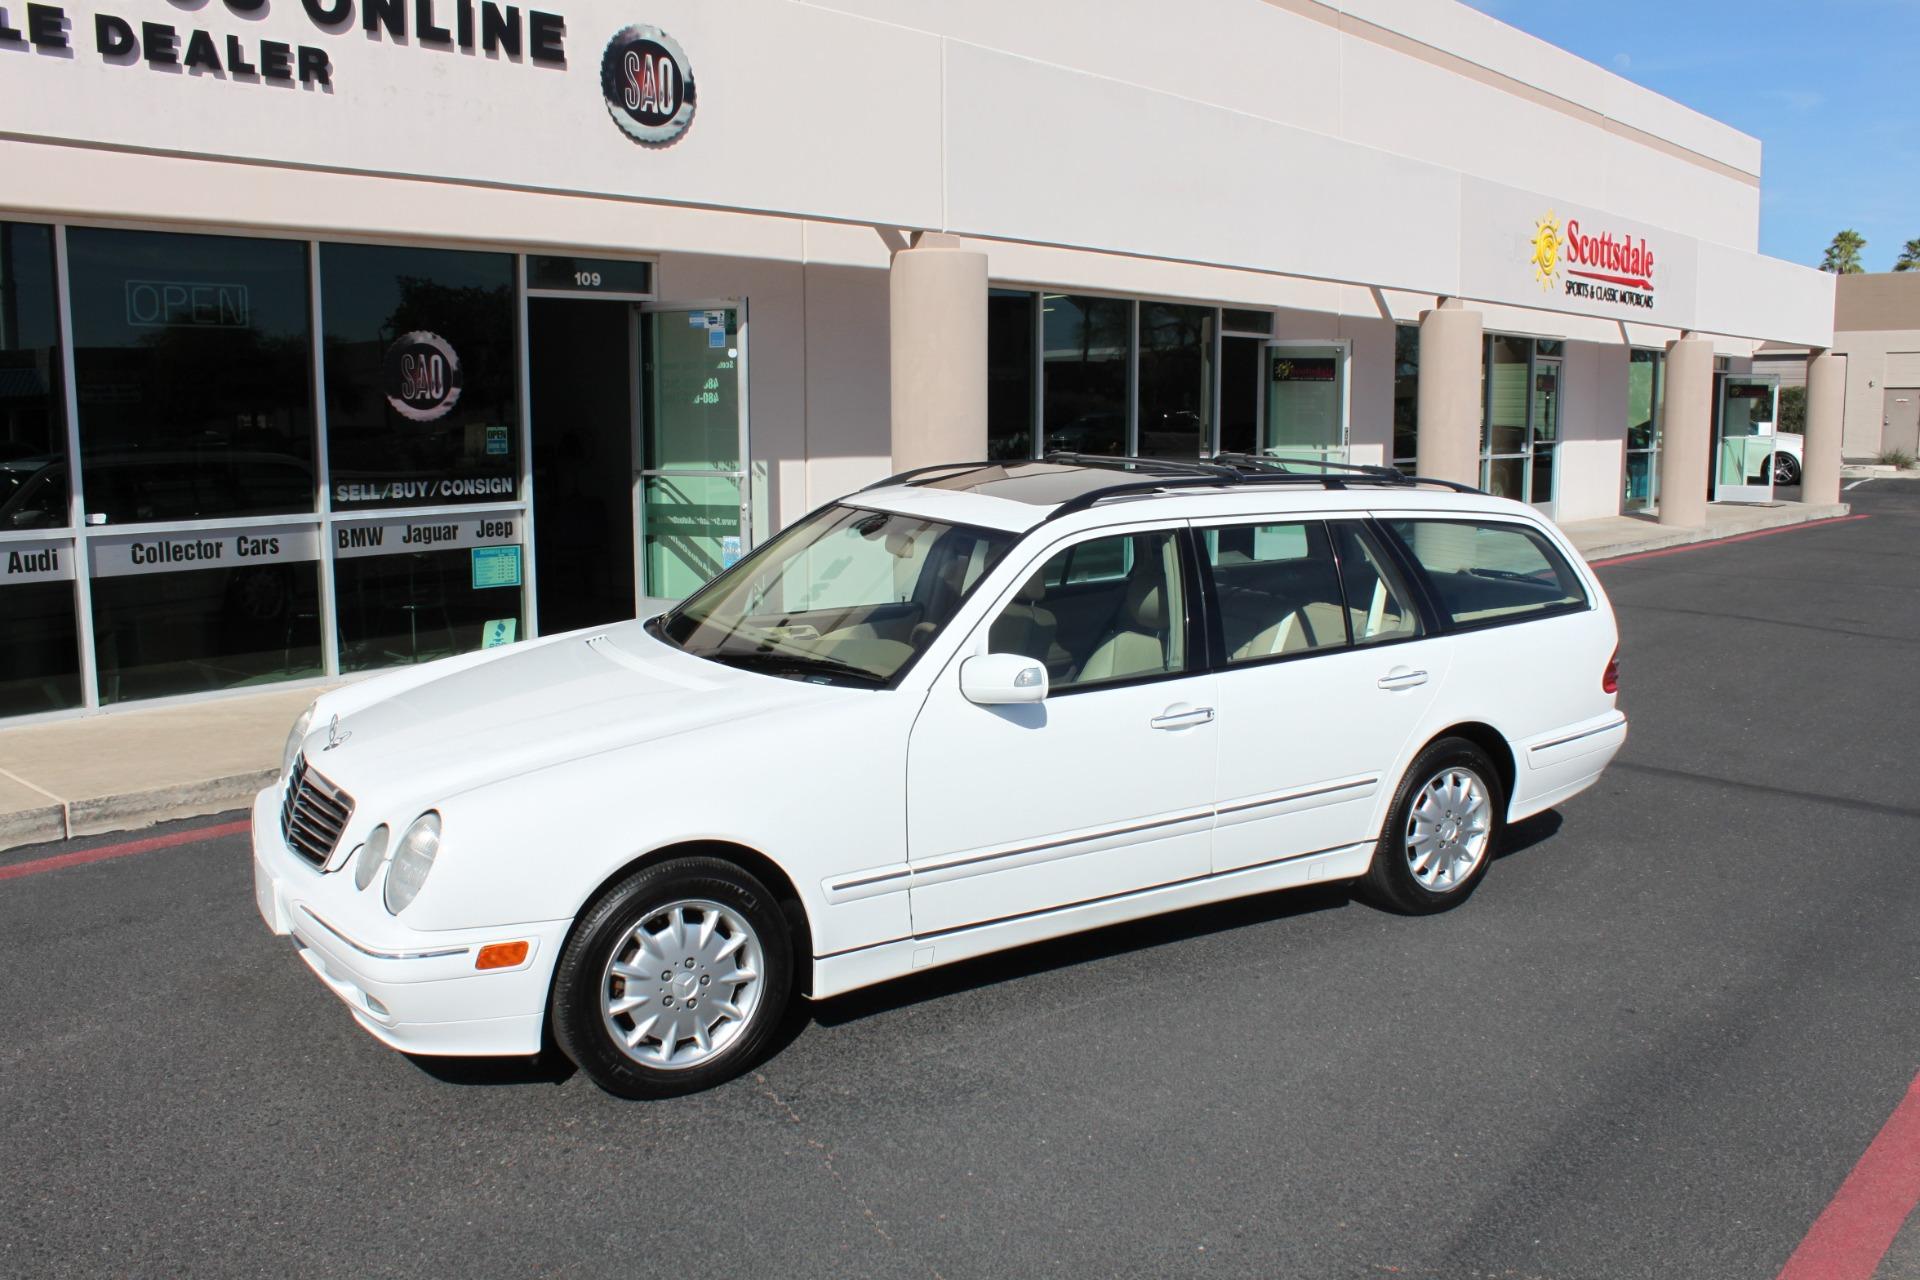 Used-2000-Mercedes-Benz-E-Class-Wagon-Chevelle